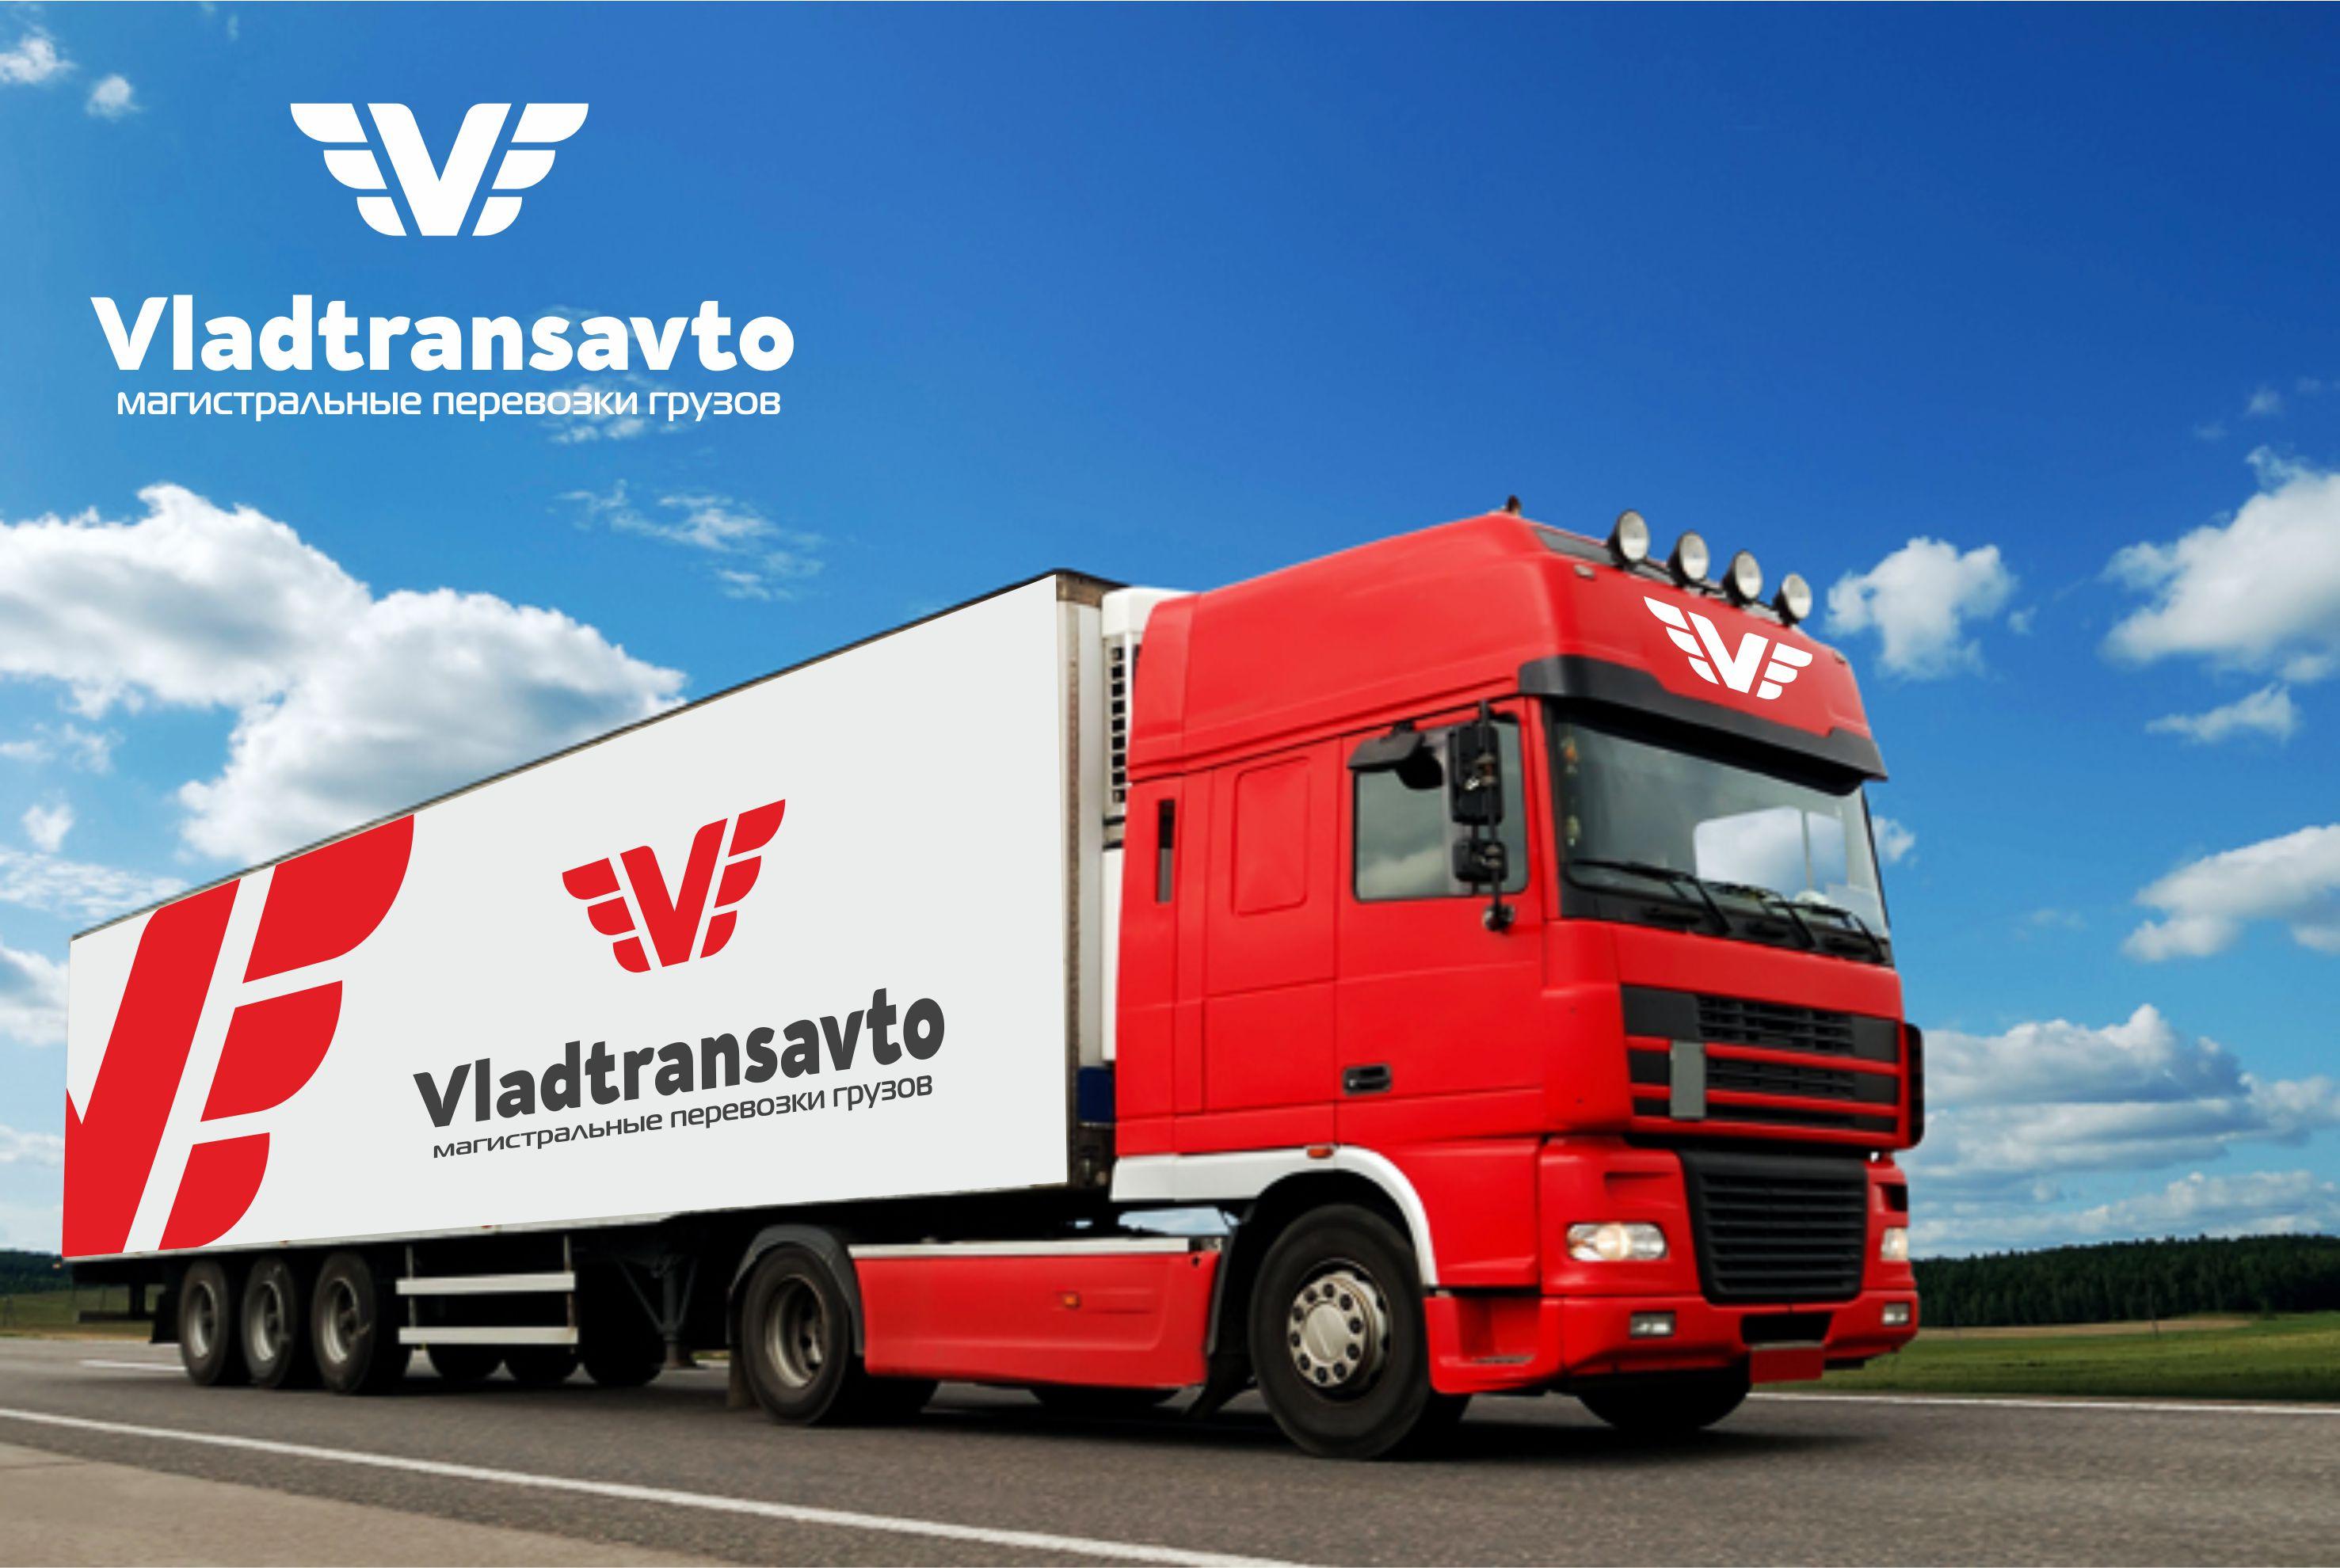 Логотип и фирменный стиль для транспортной компании Владтрансавто фото f_9855cdd3407d8dd3.jpg